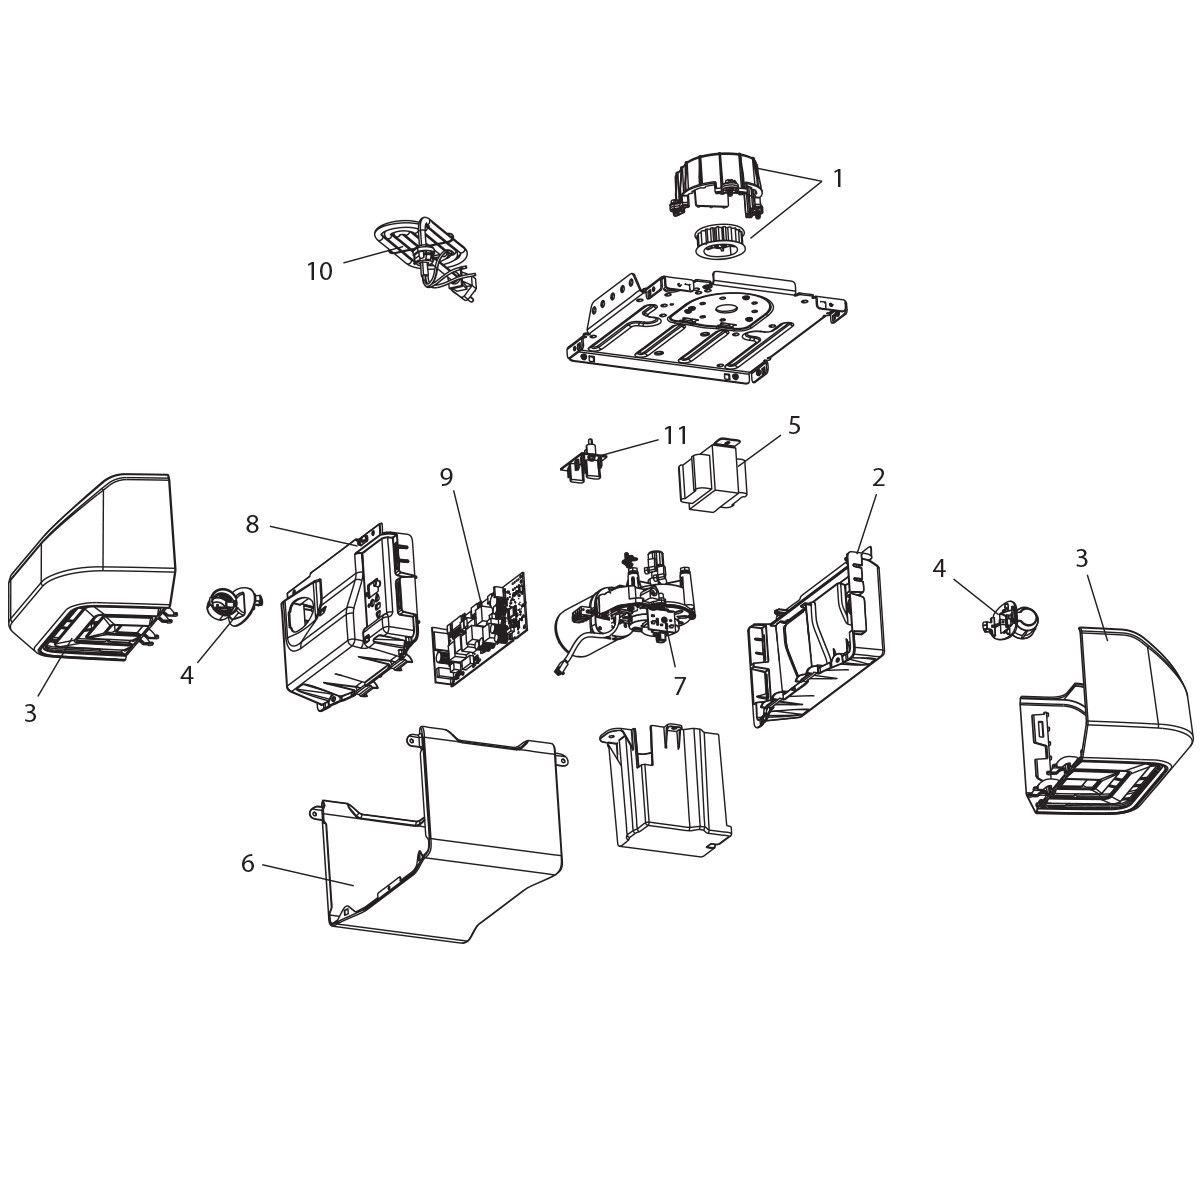 df82 lift master motor wire diagram wiring resources  ez go golf cart 36 volt wiring diagram b 3090 #5